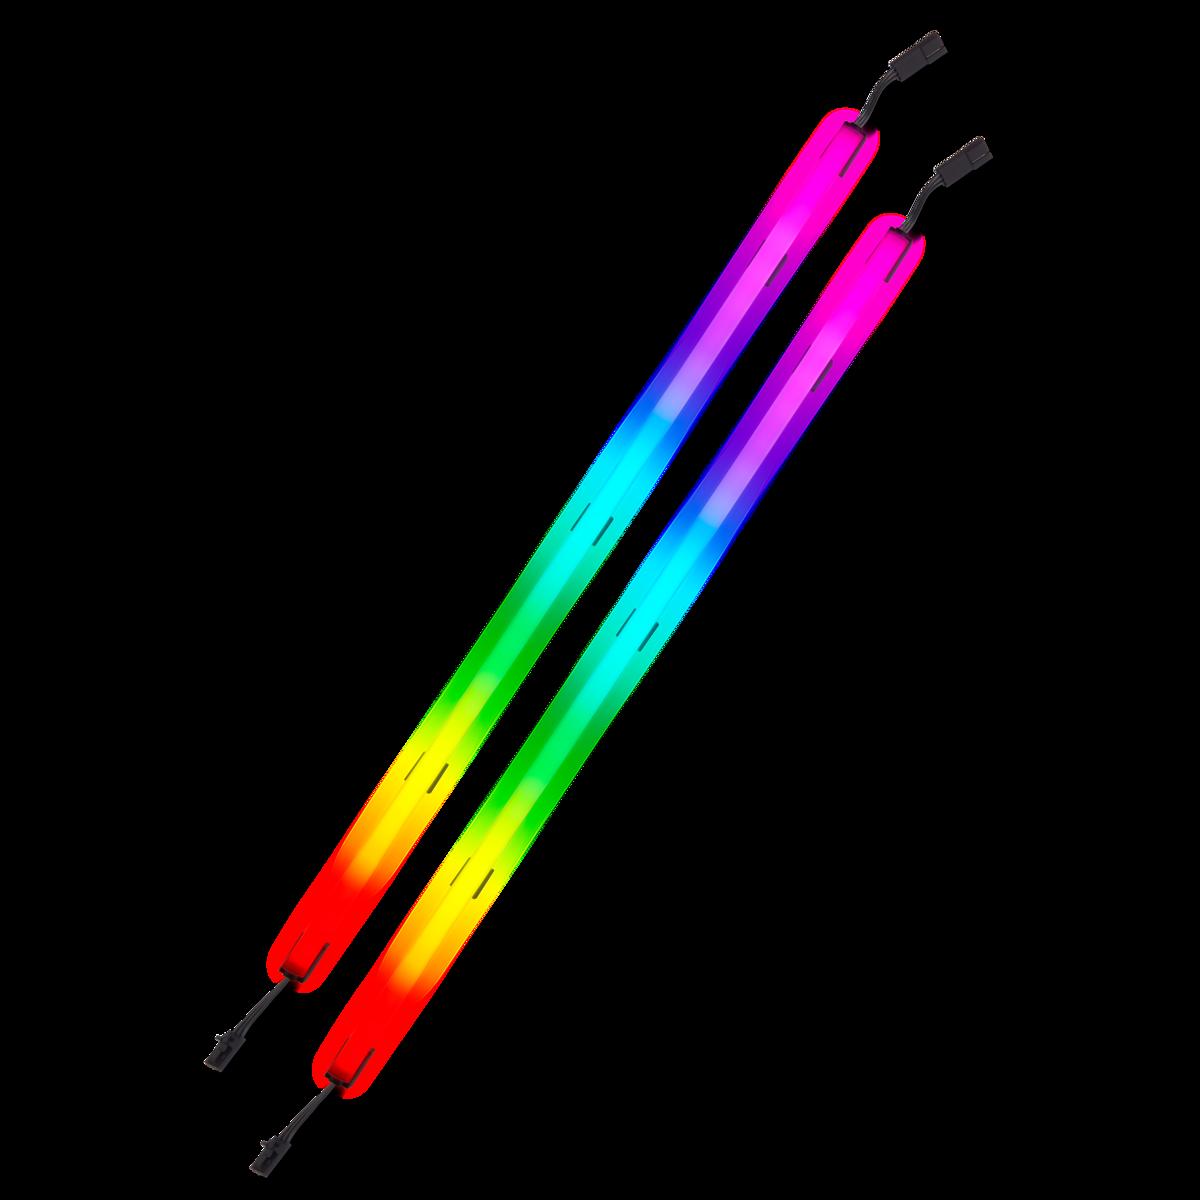 Kit 2 Fitas Led RGB CORSAIR iCUE LS100, 450mm, CD-9010001-WW/LL